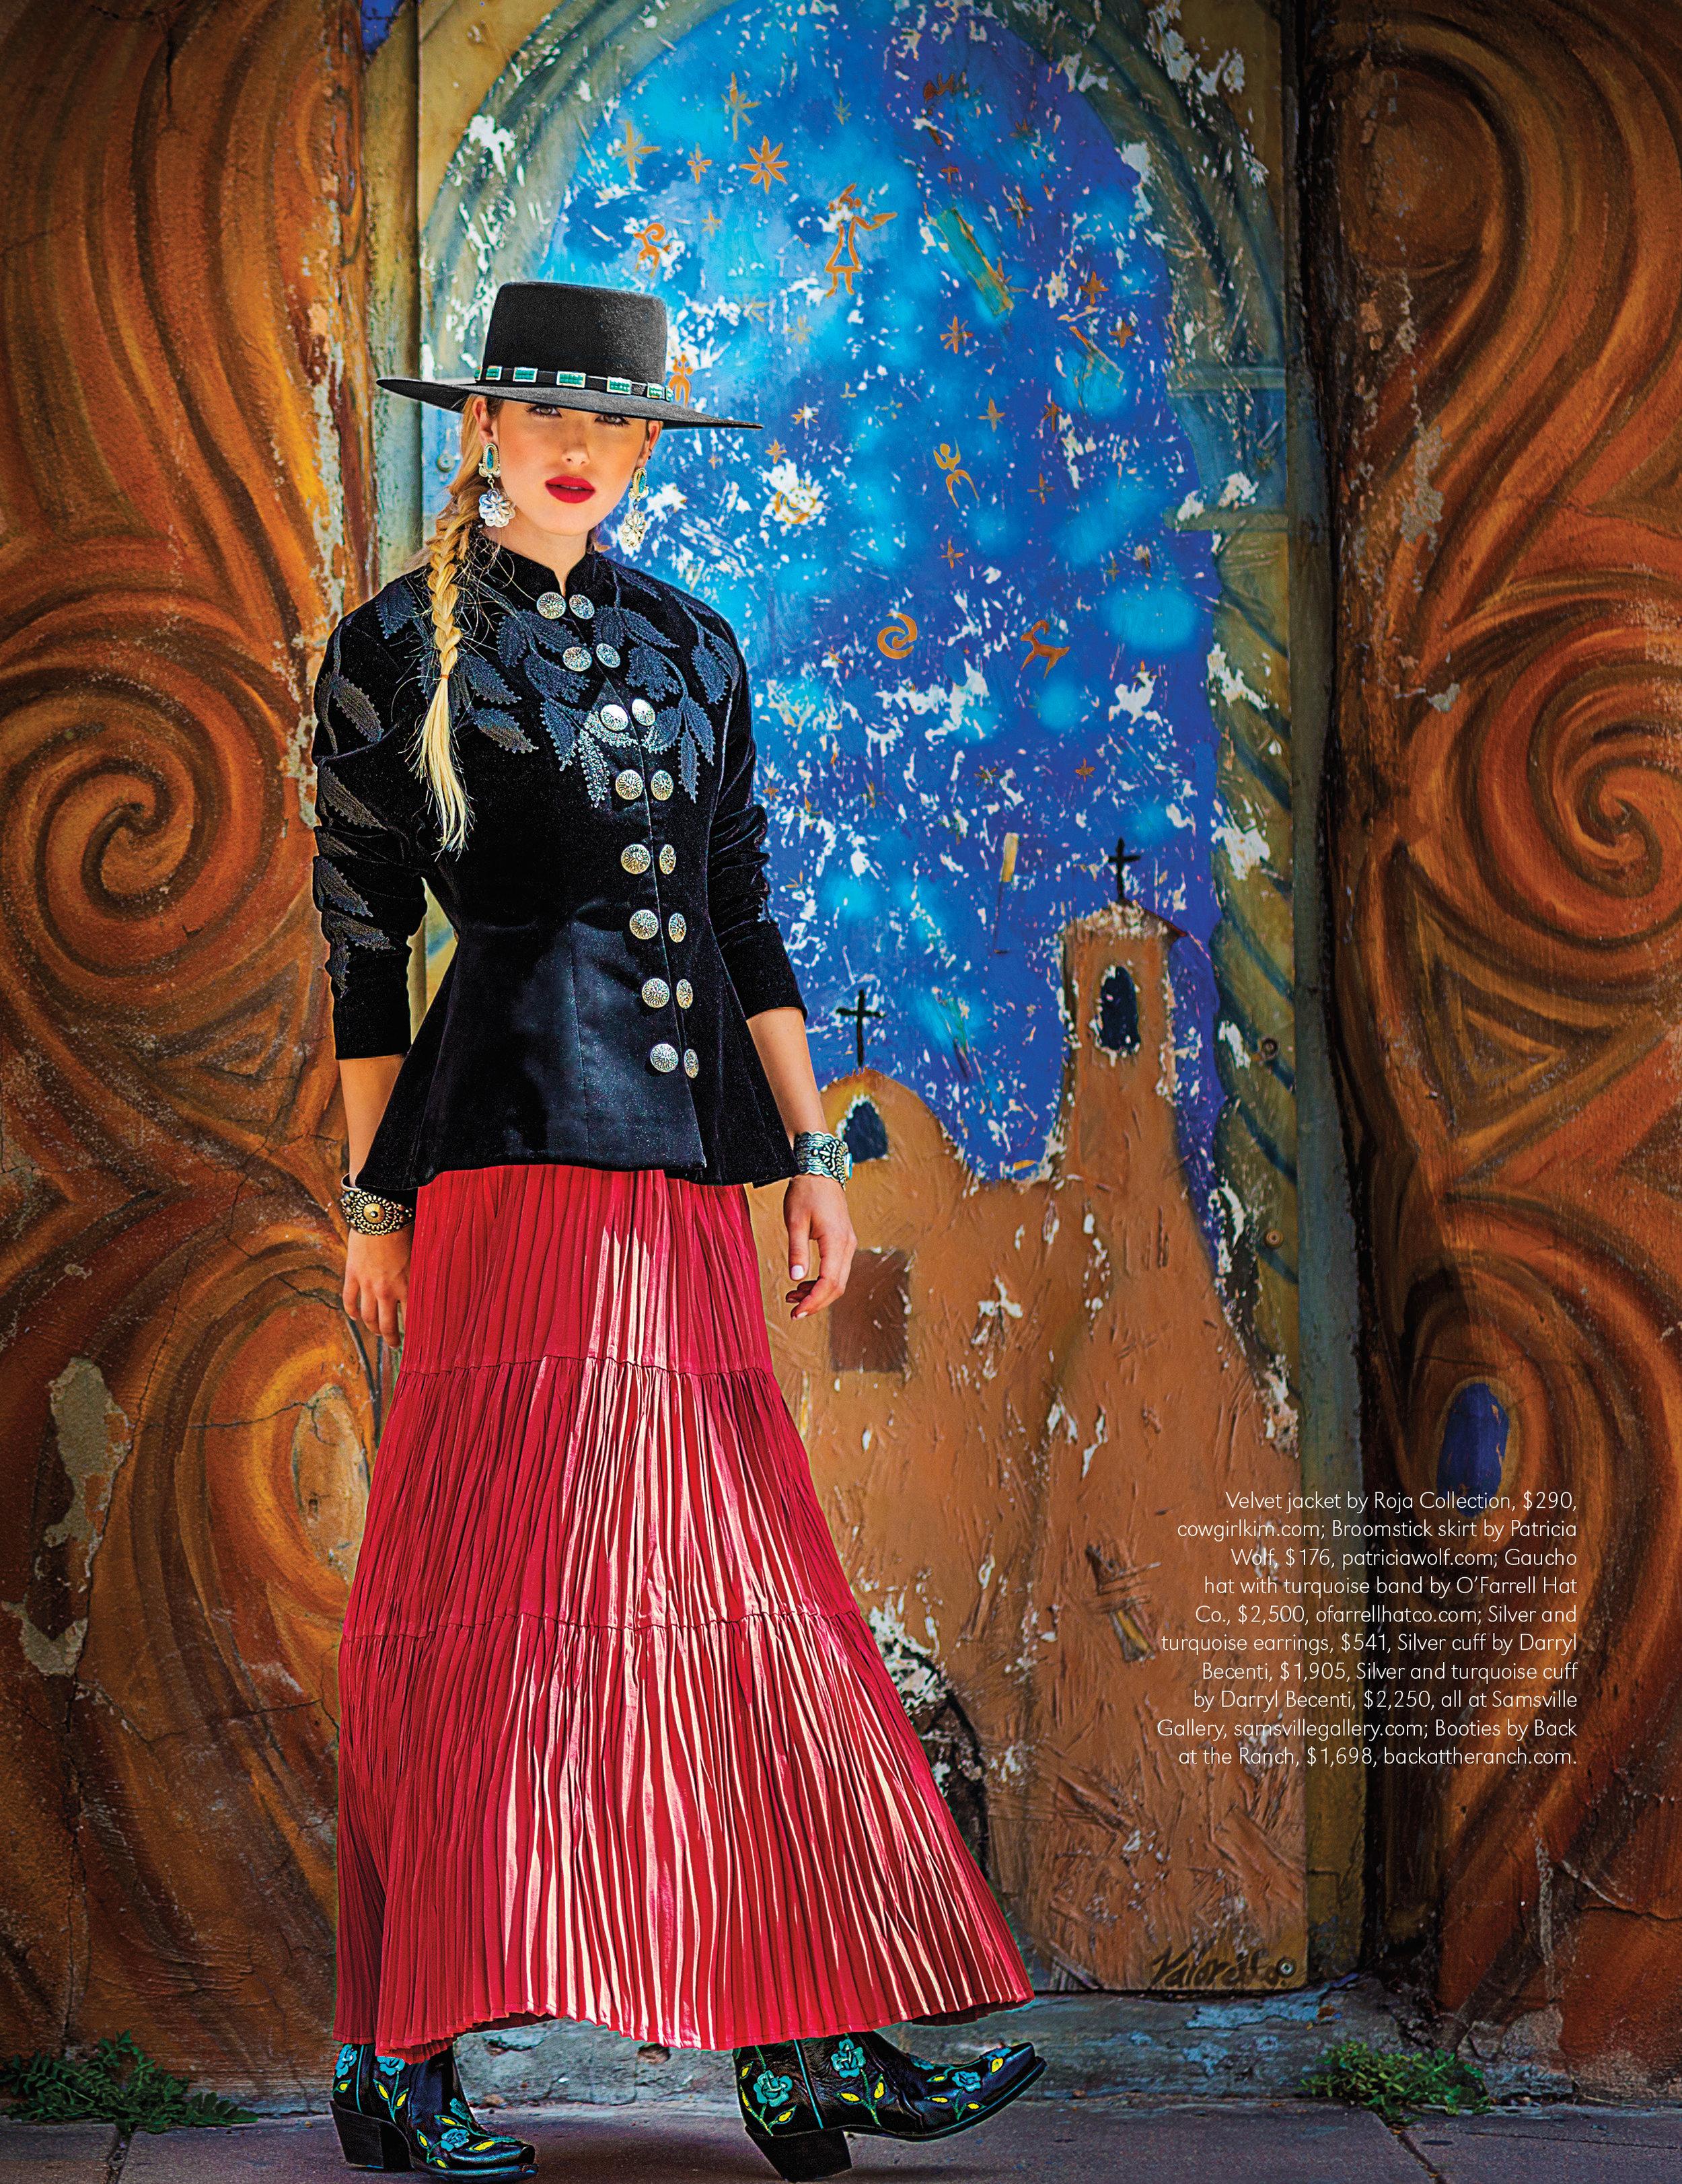 Ken Amorosano - COWGIRL_DEC15_060-067_Santa-Fe-Fashion-3 (1).jpg